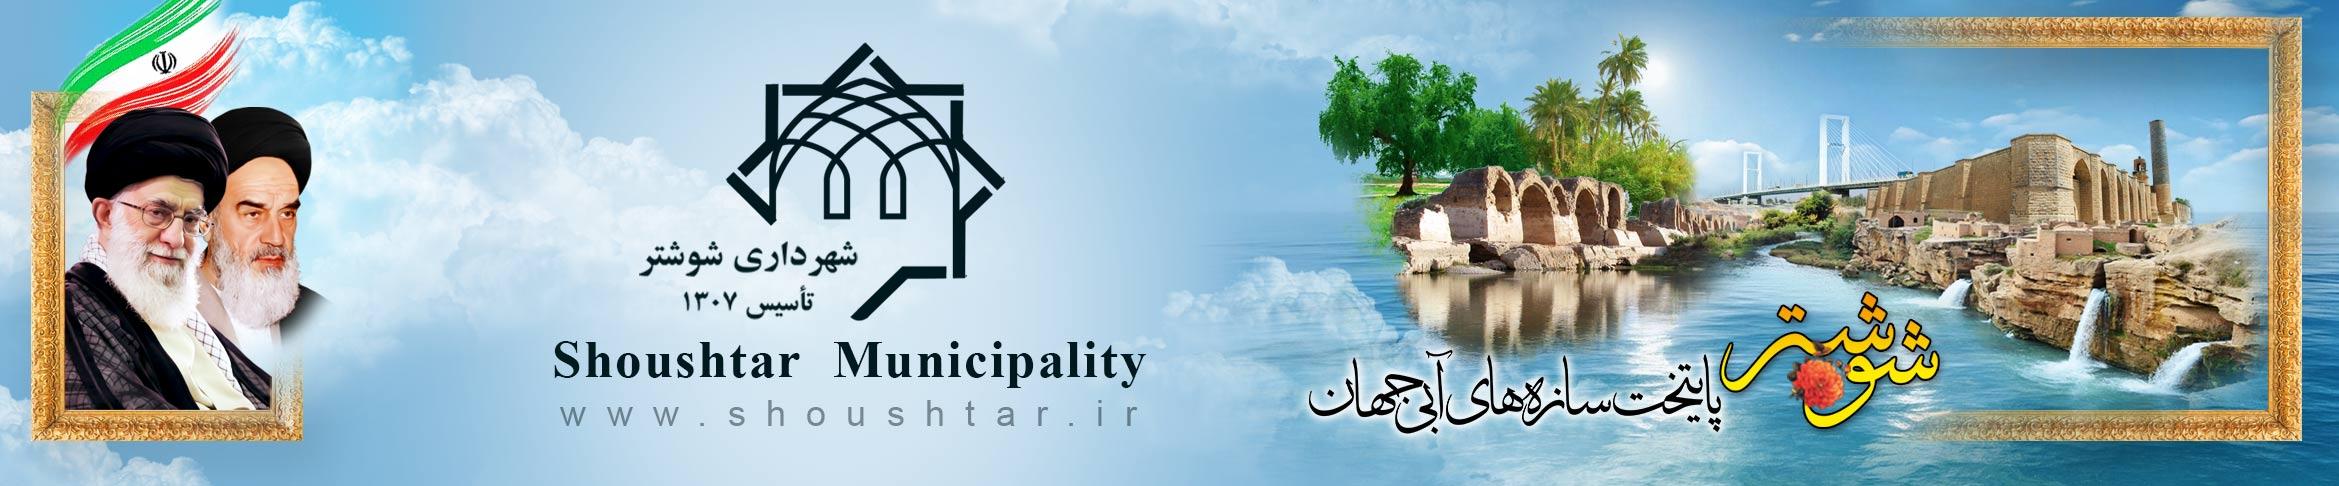 پایگاه رسمی اطلاع رسانی شهرداری شوشتر